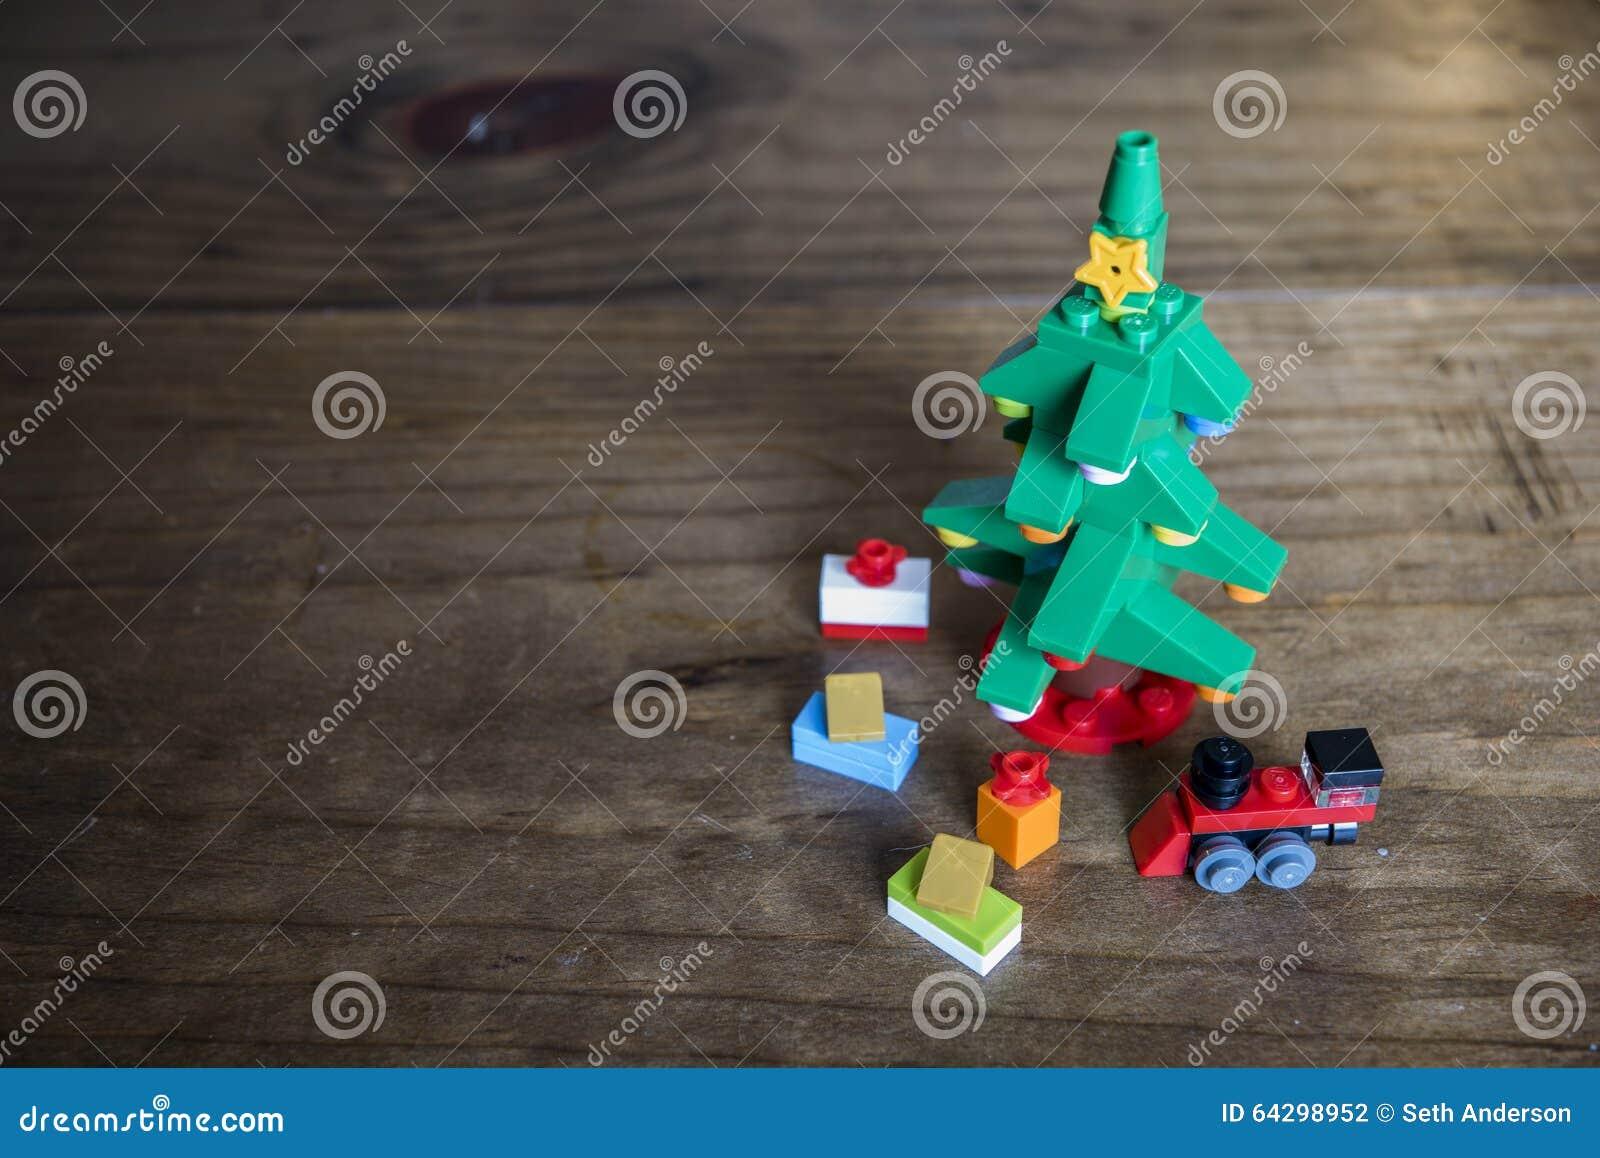 Vida de Toy Block Christmas Tree Still